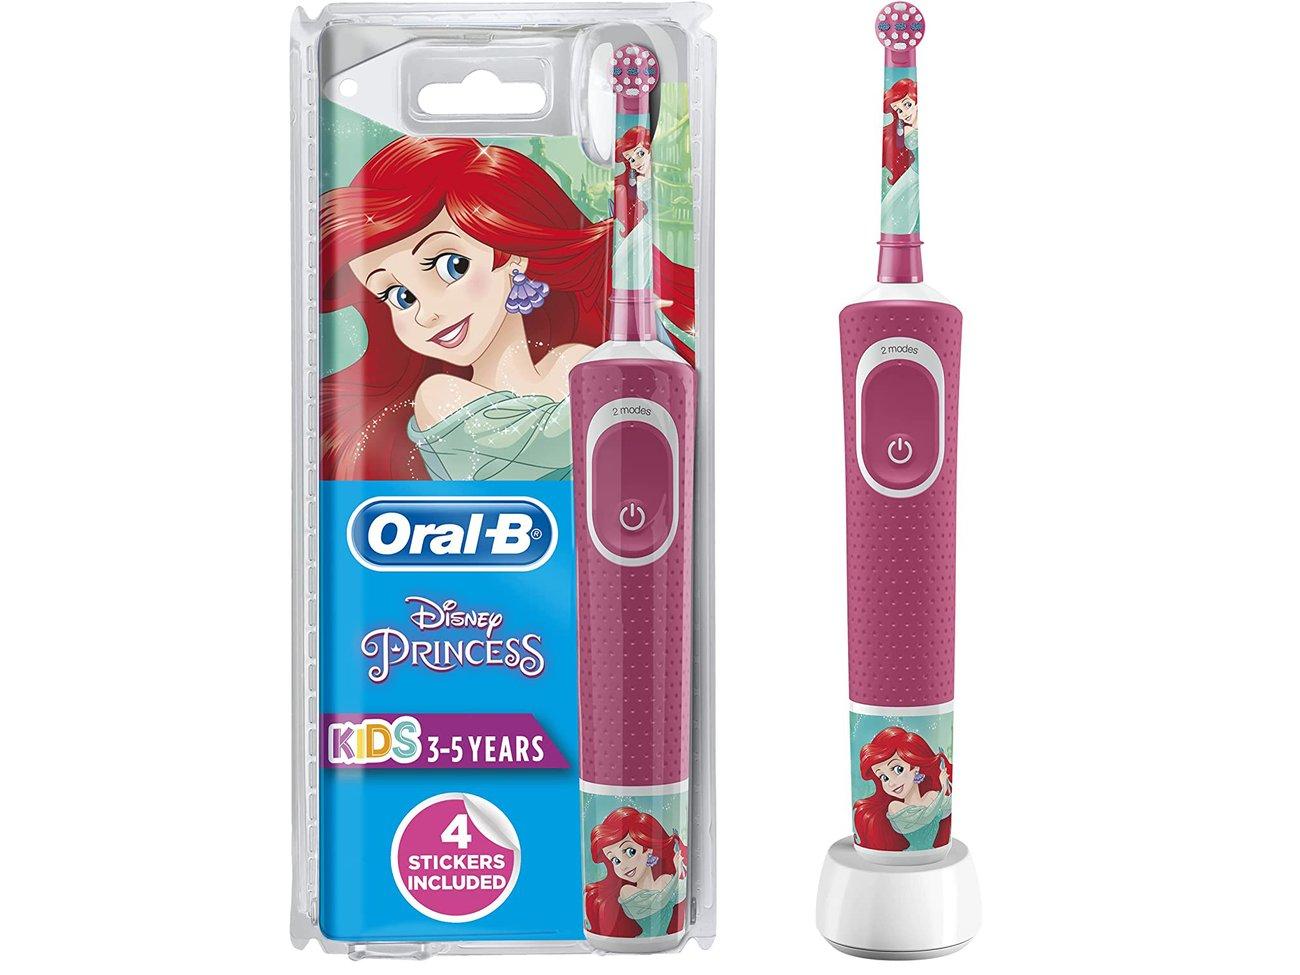 Elektrische Zahnbürste Kinder Test Oral-B Disney